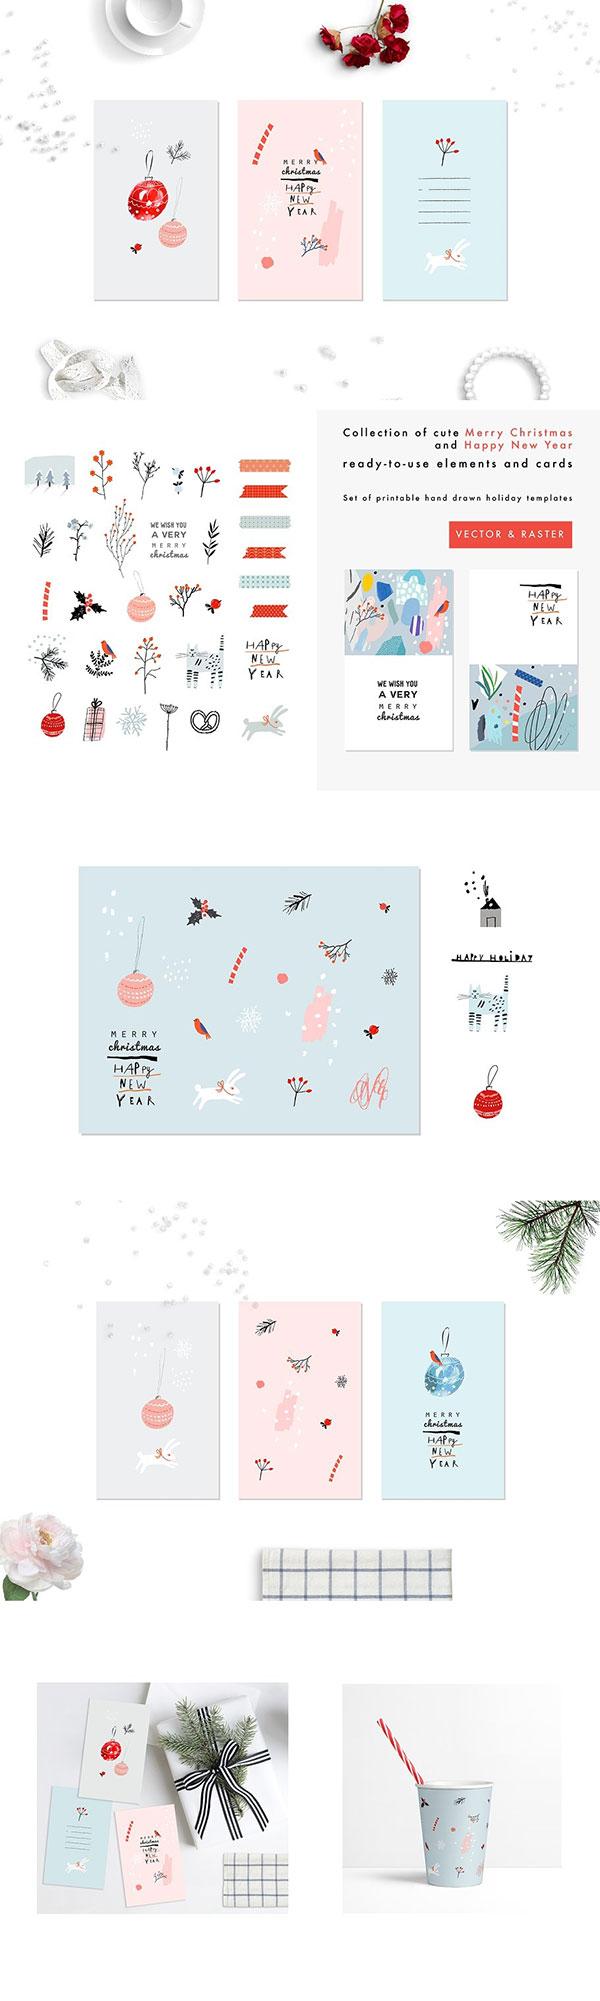 圣诞卡片信纸